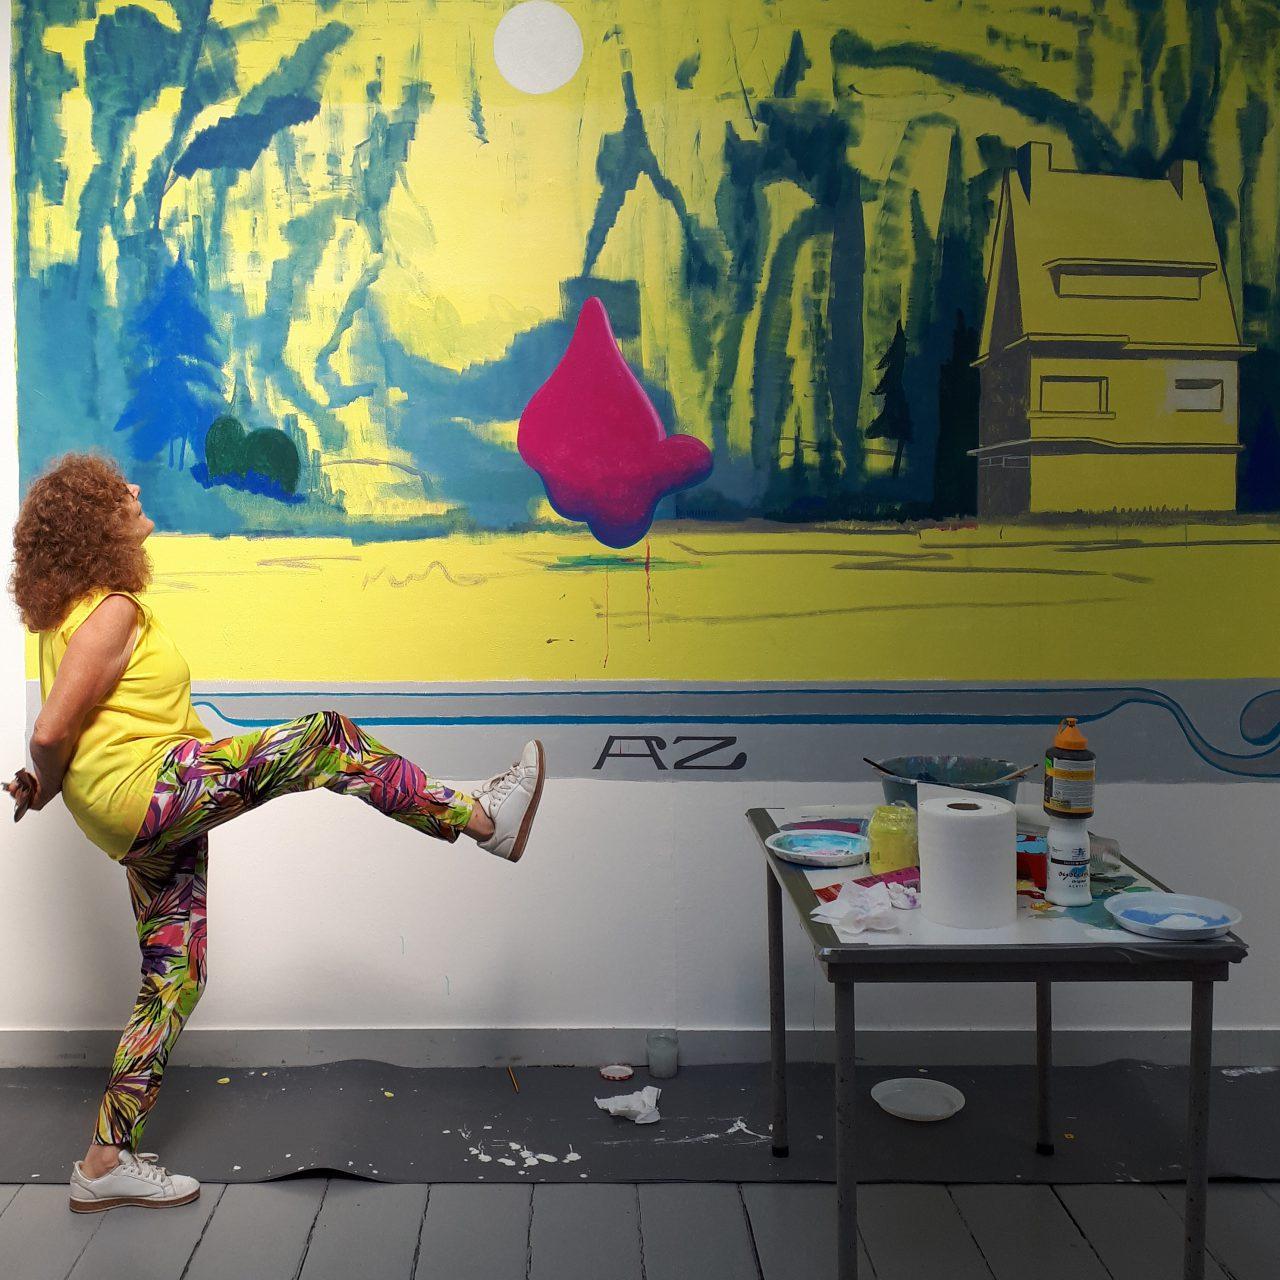 Woman poses for my mural @ Teekengenootschap Pictura. . August, Dordrecht, Holland 2018